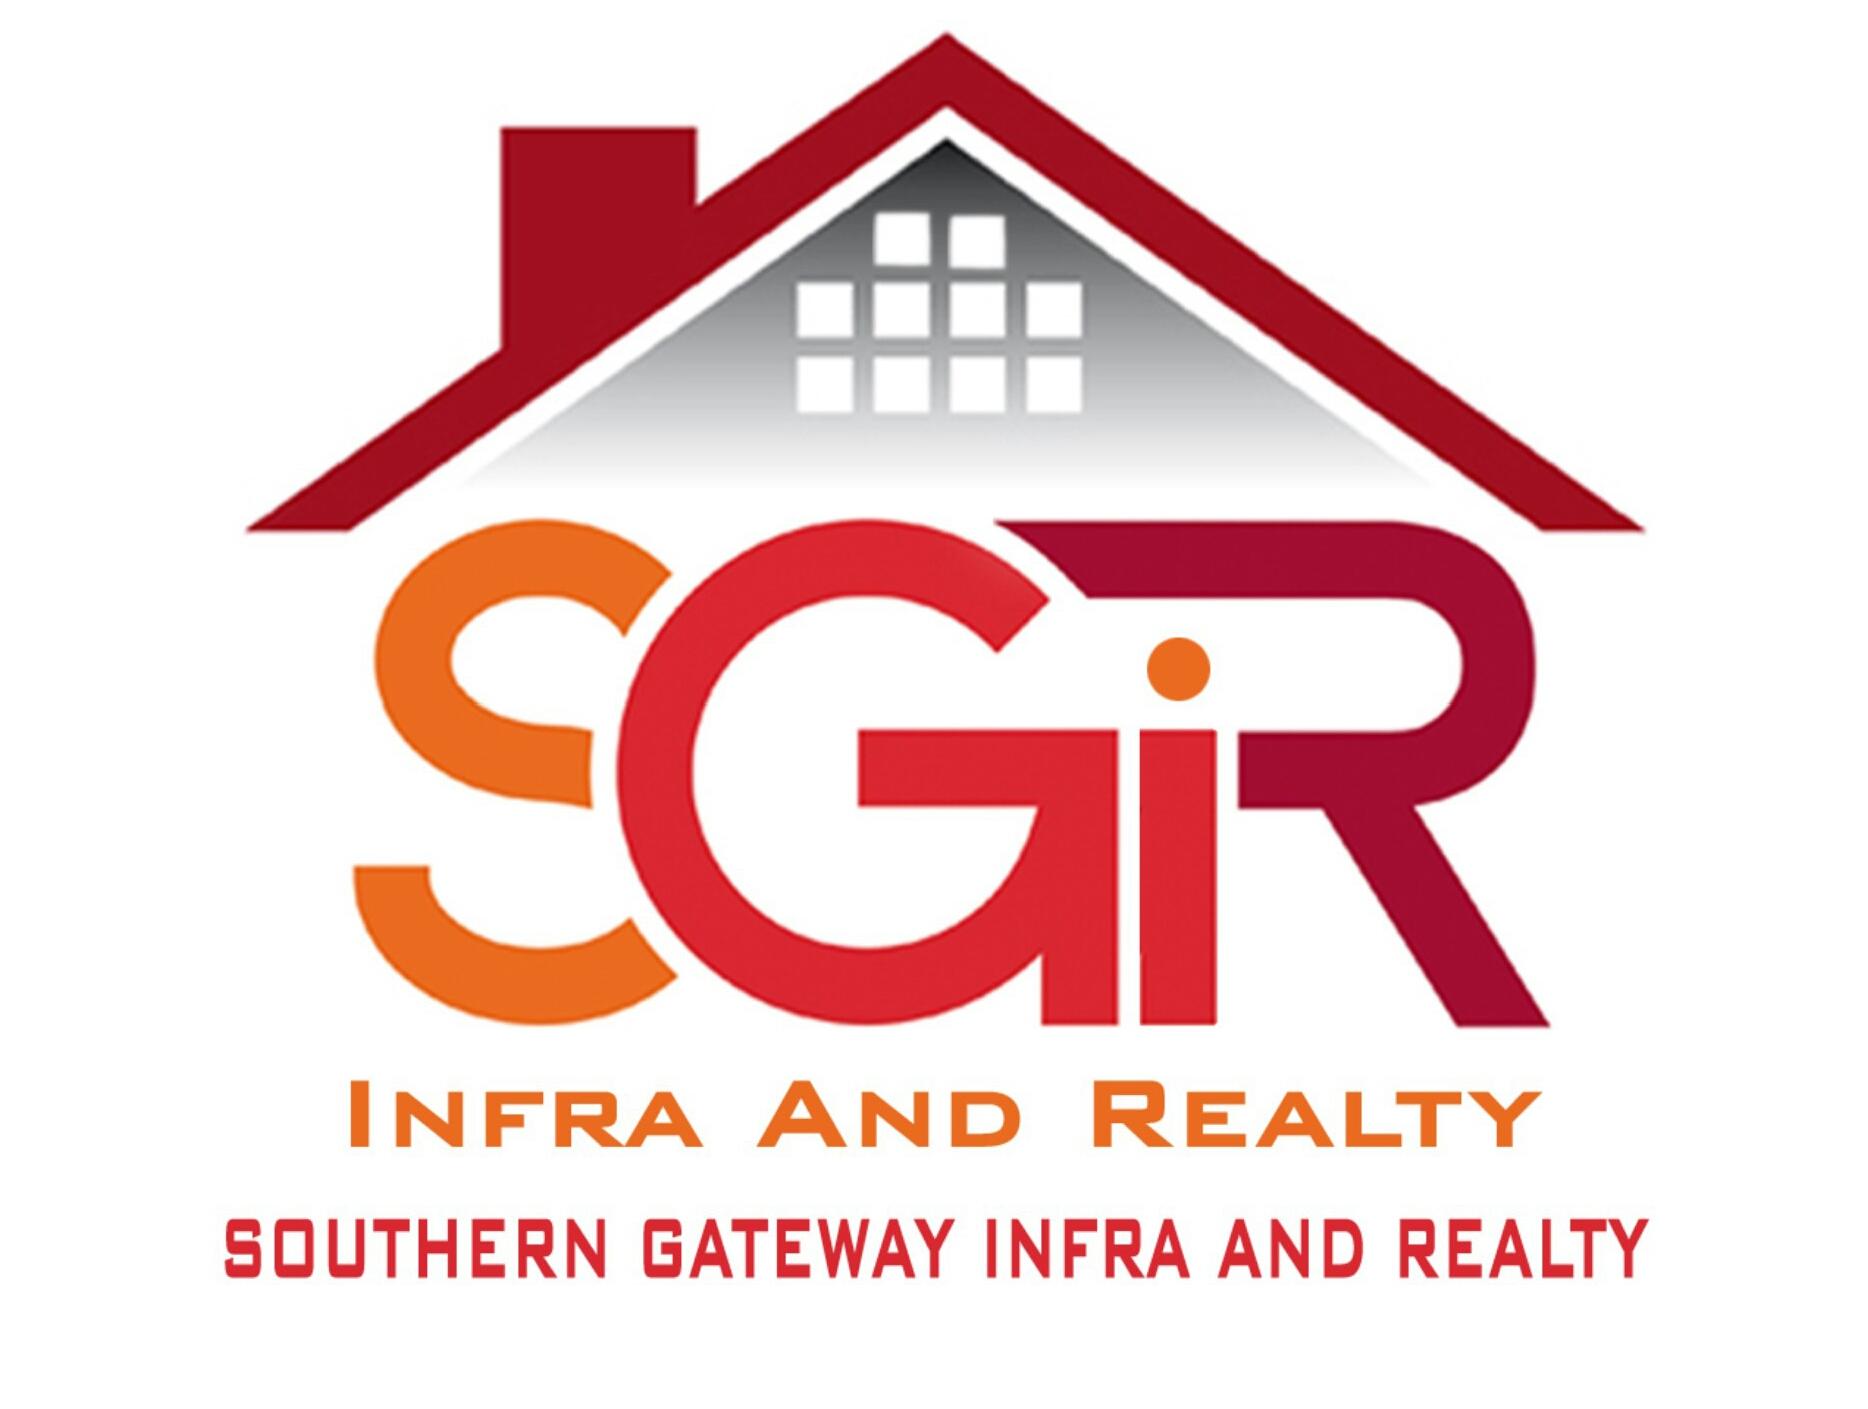 Southern Gateway Infra